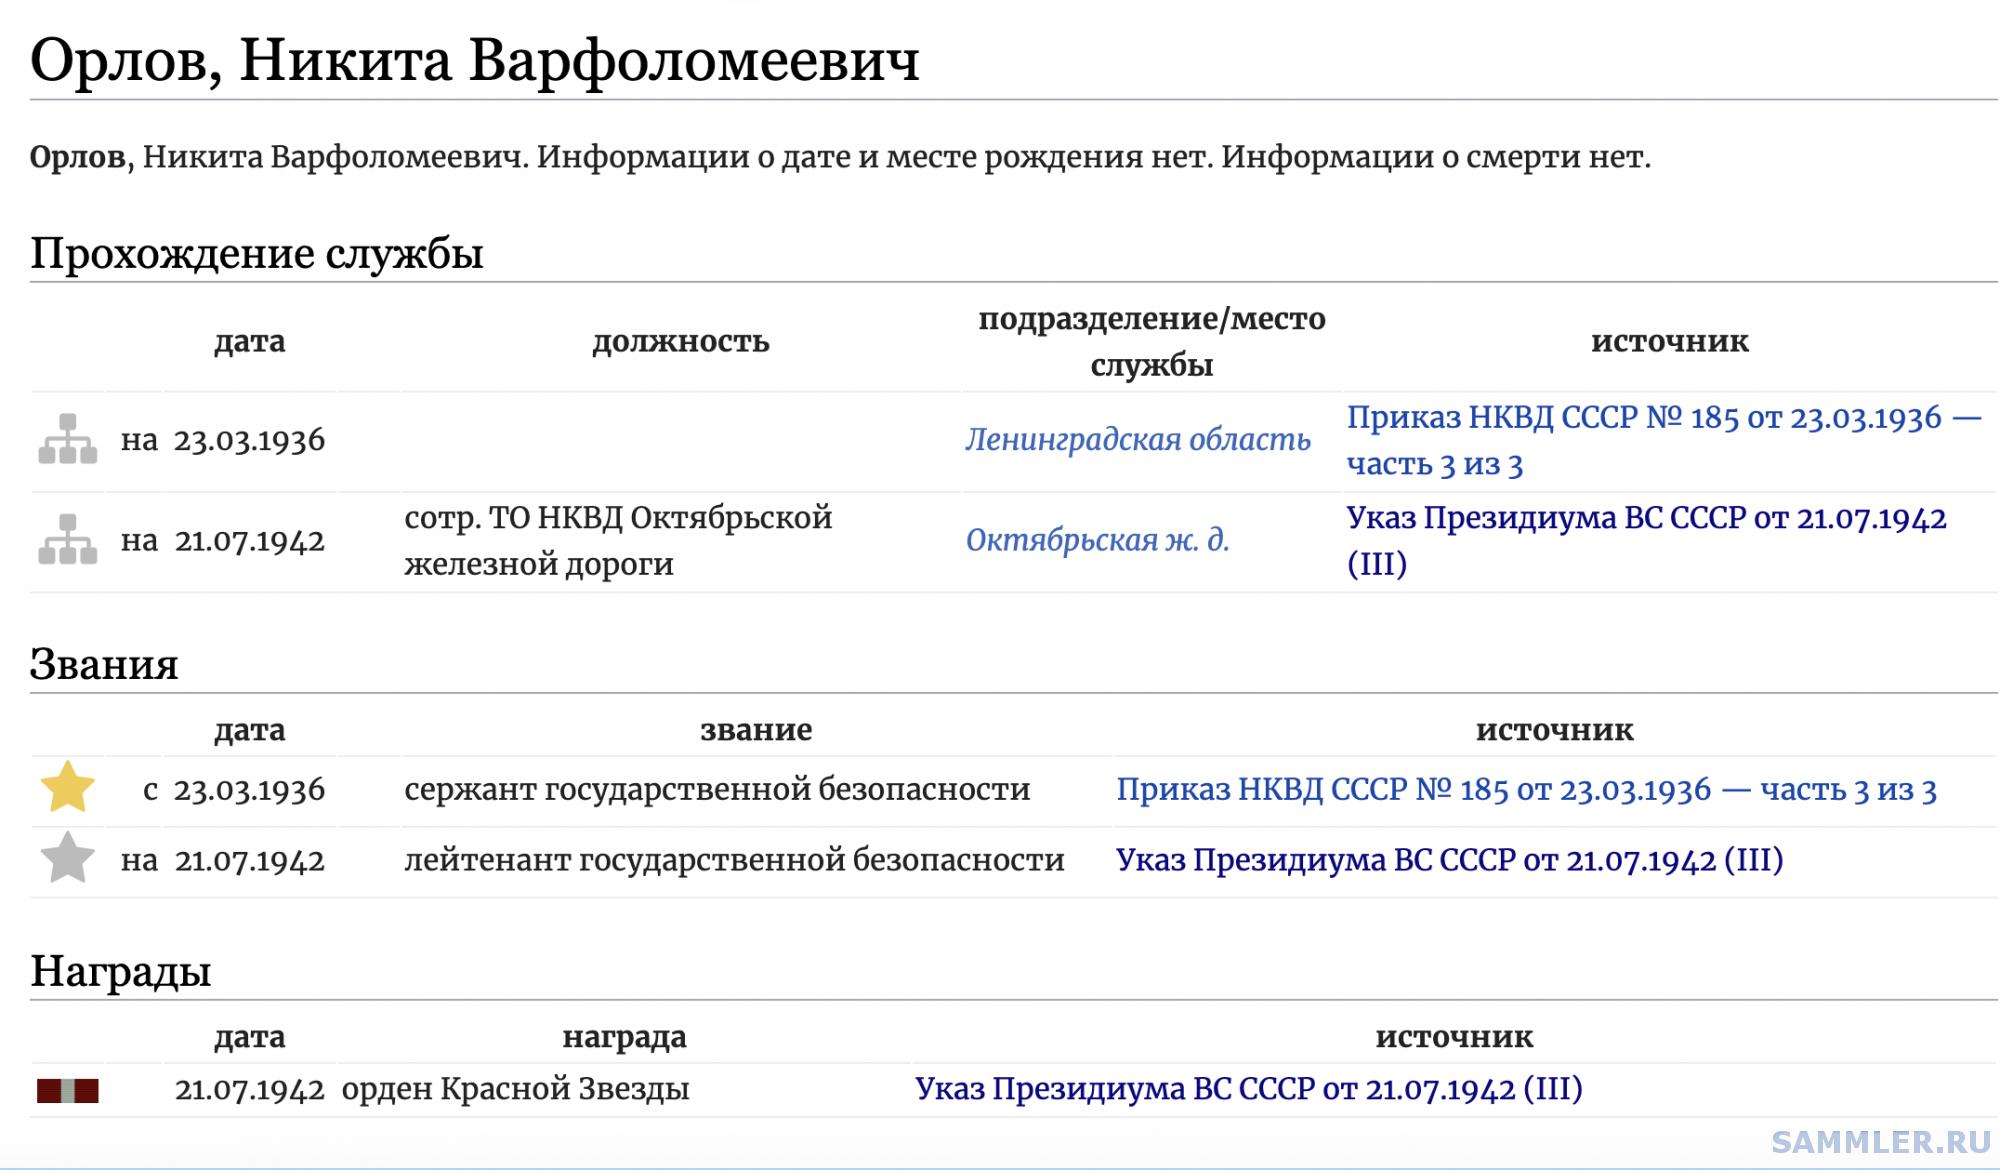 Орлов Никита Варфоломеевич удостврн. НКВД— копия.png